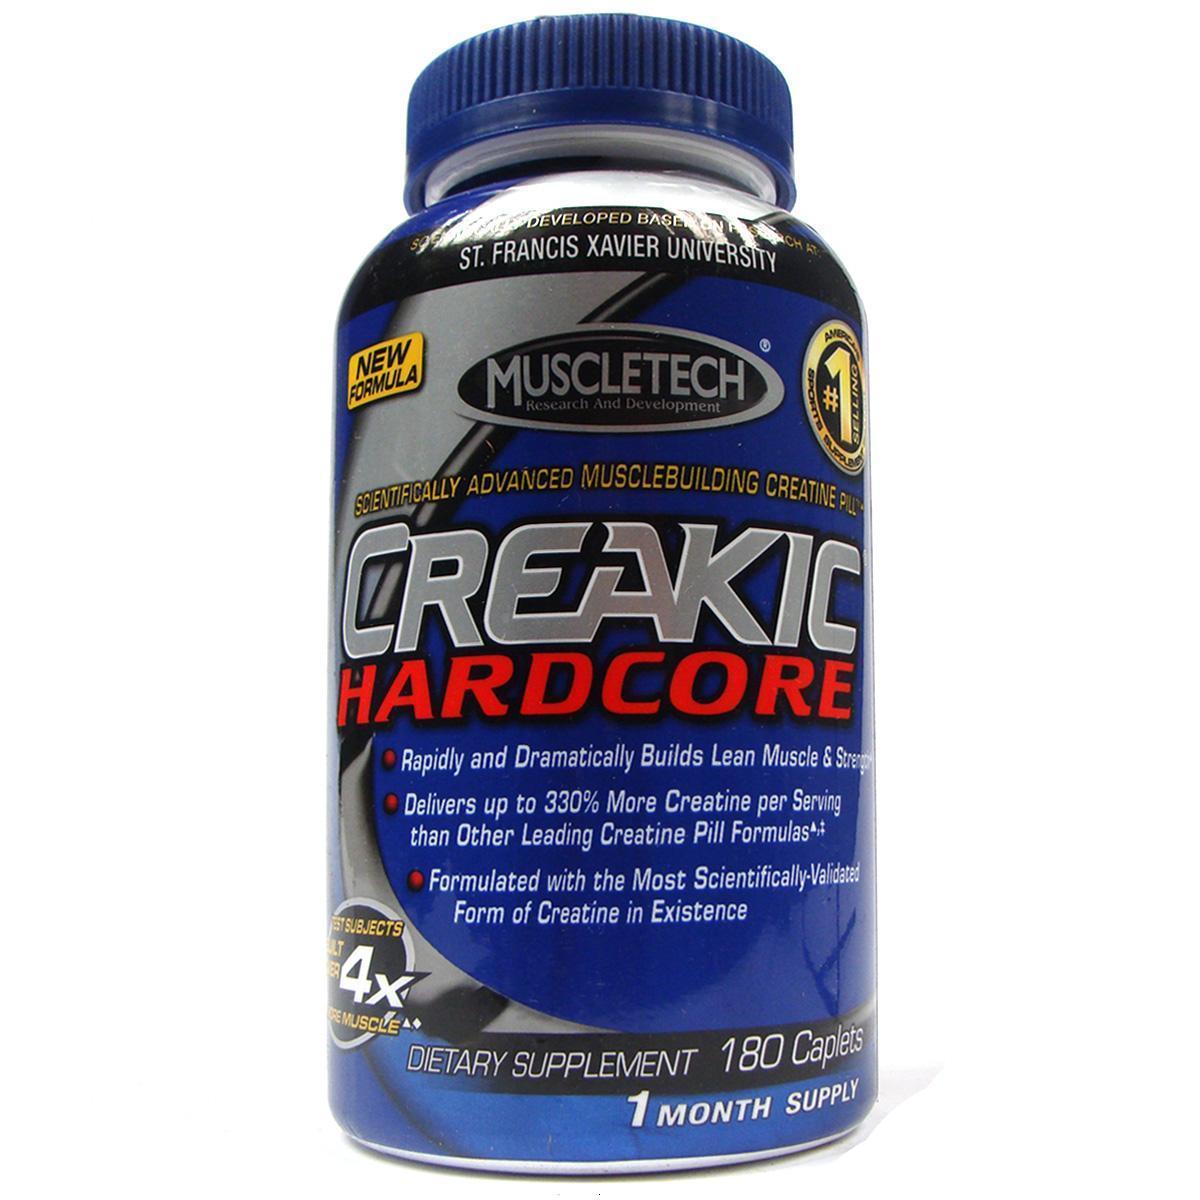 Muscletech Creakic